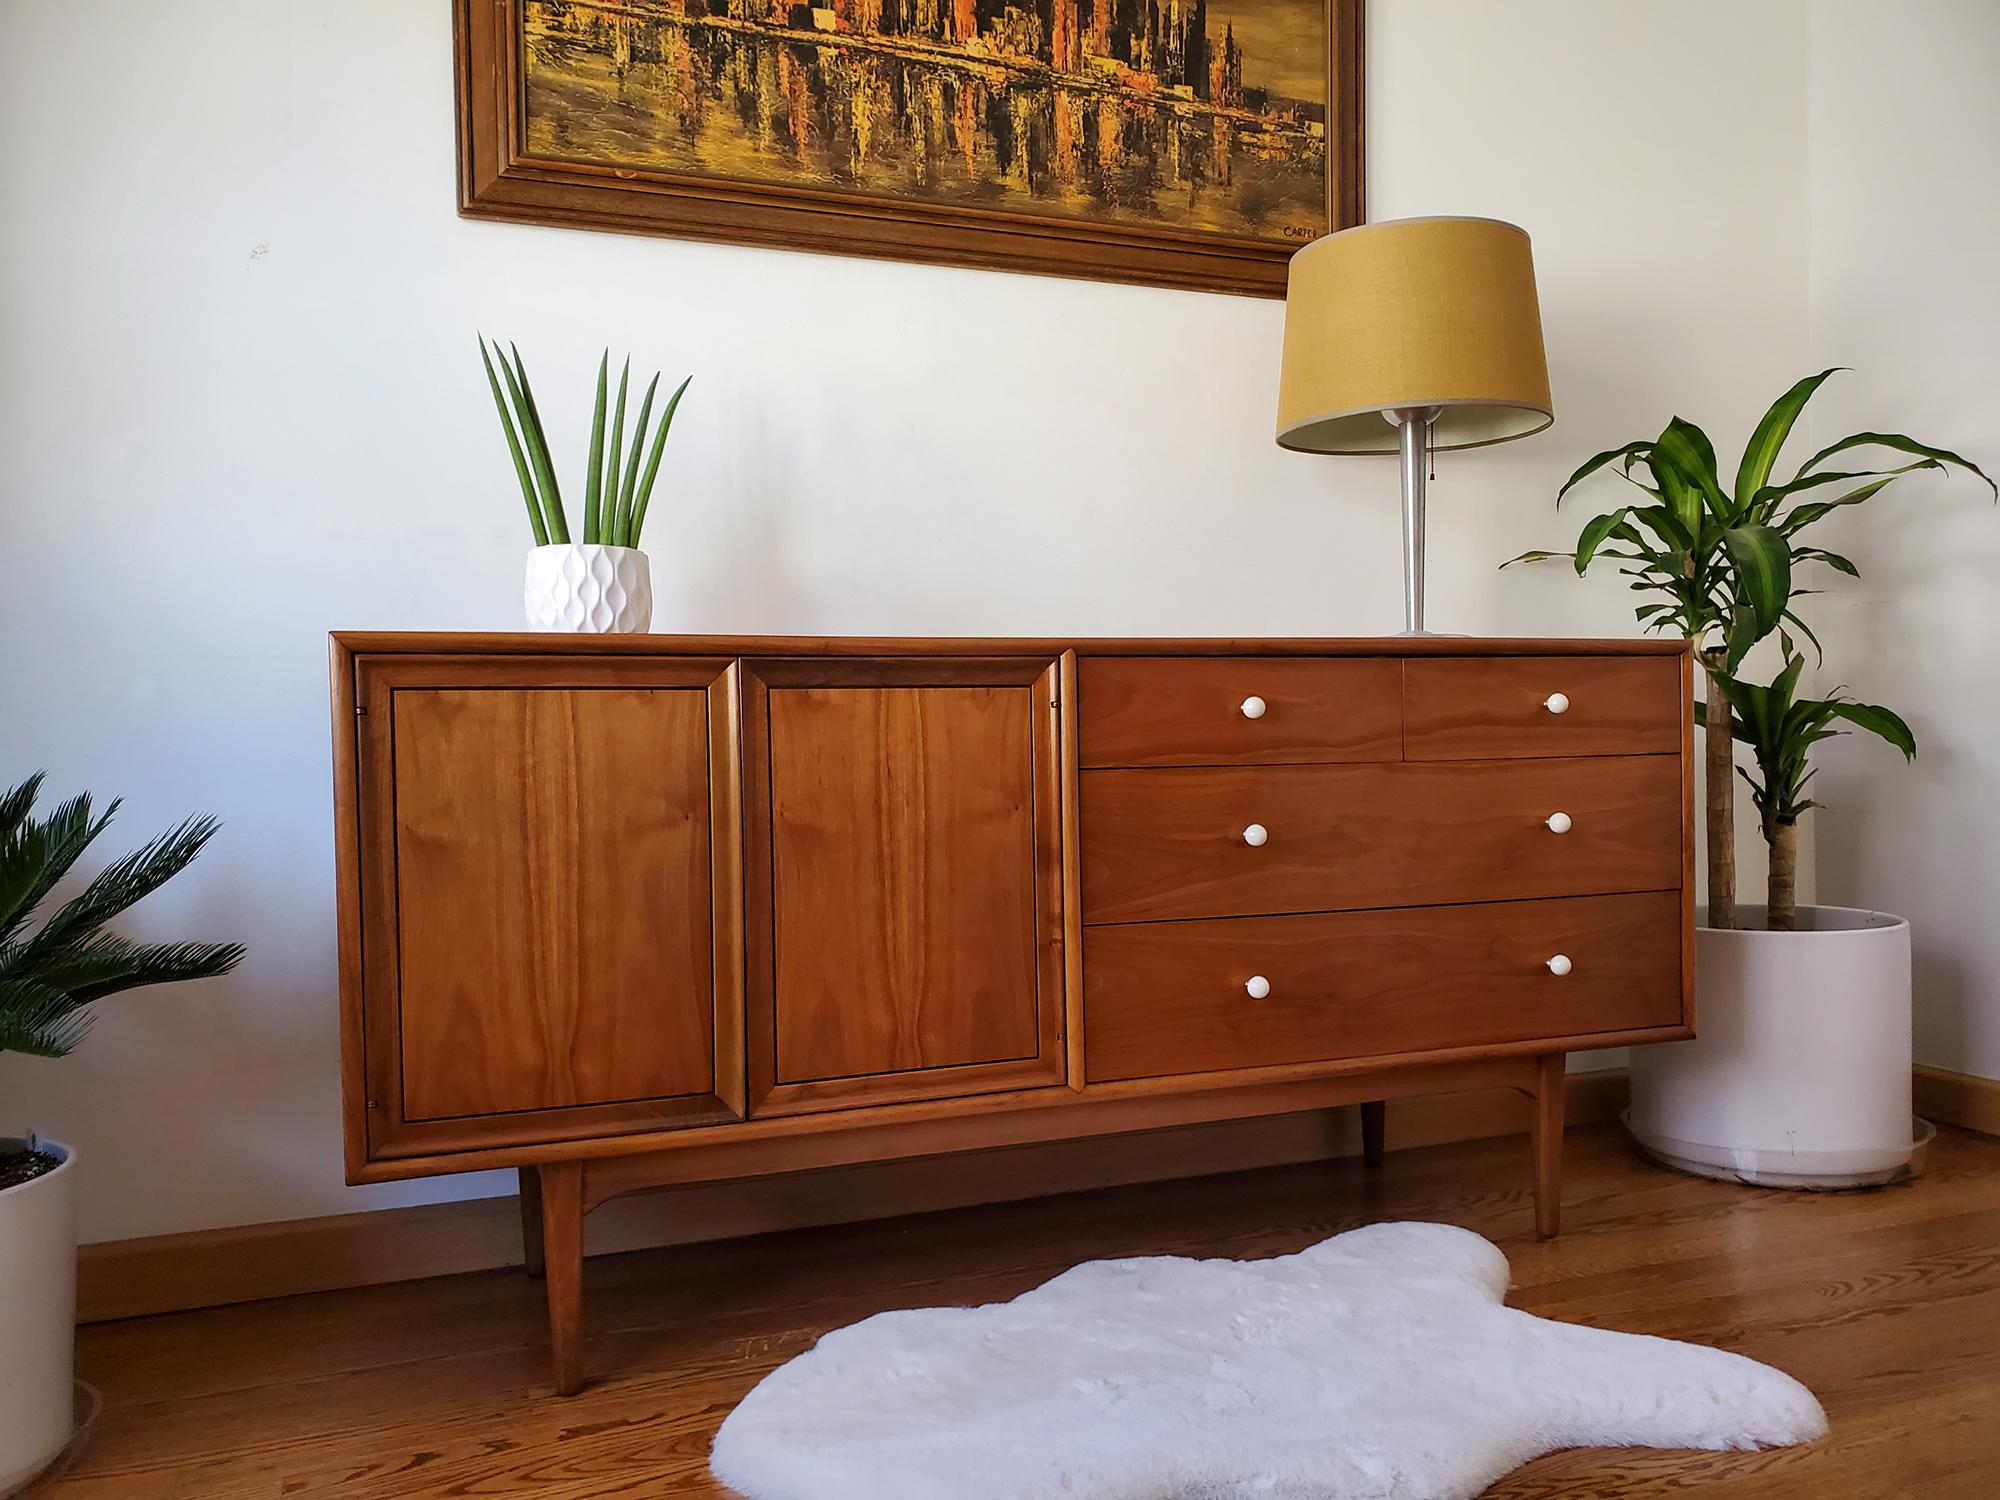 Triple Dresser For Drexel Declaration by Kipp Stewart